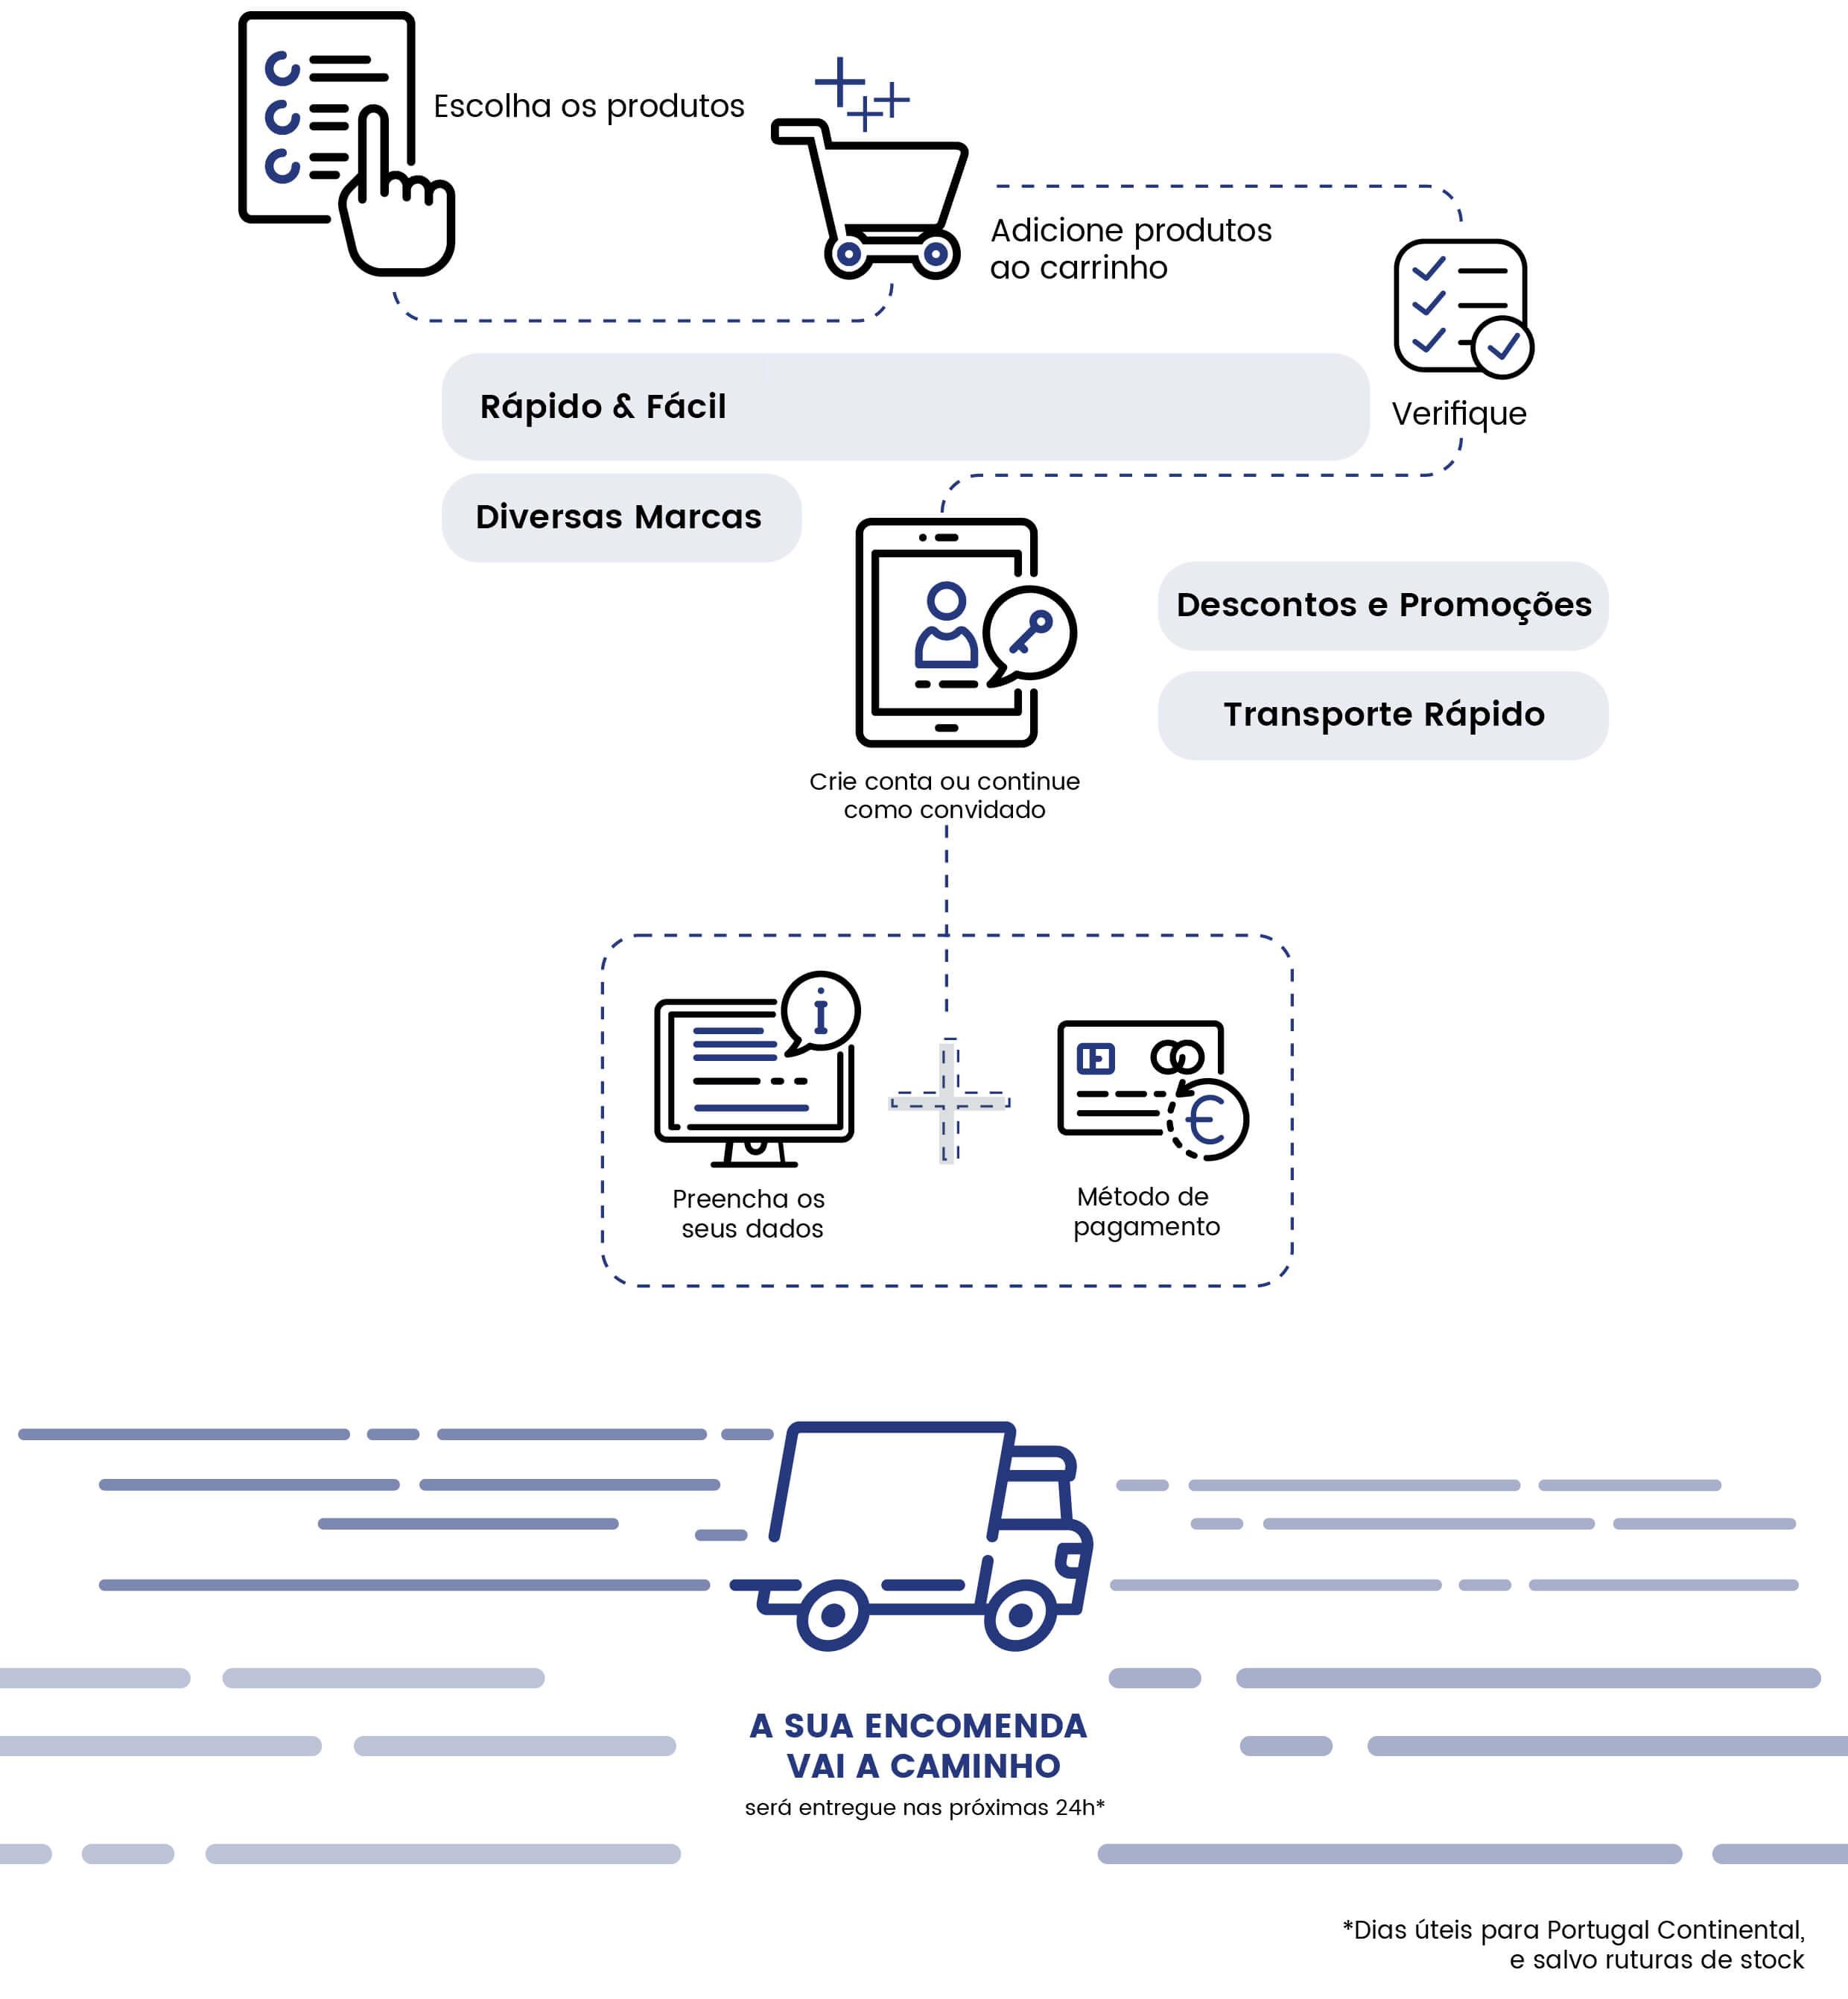 infografia-22como-comprar-22-2-01-099.jpg